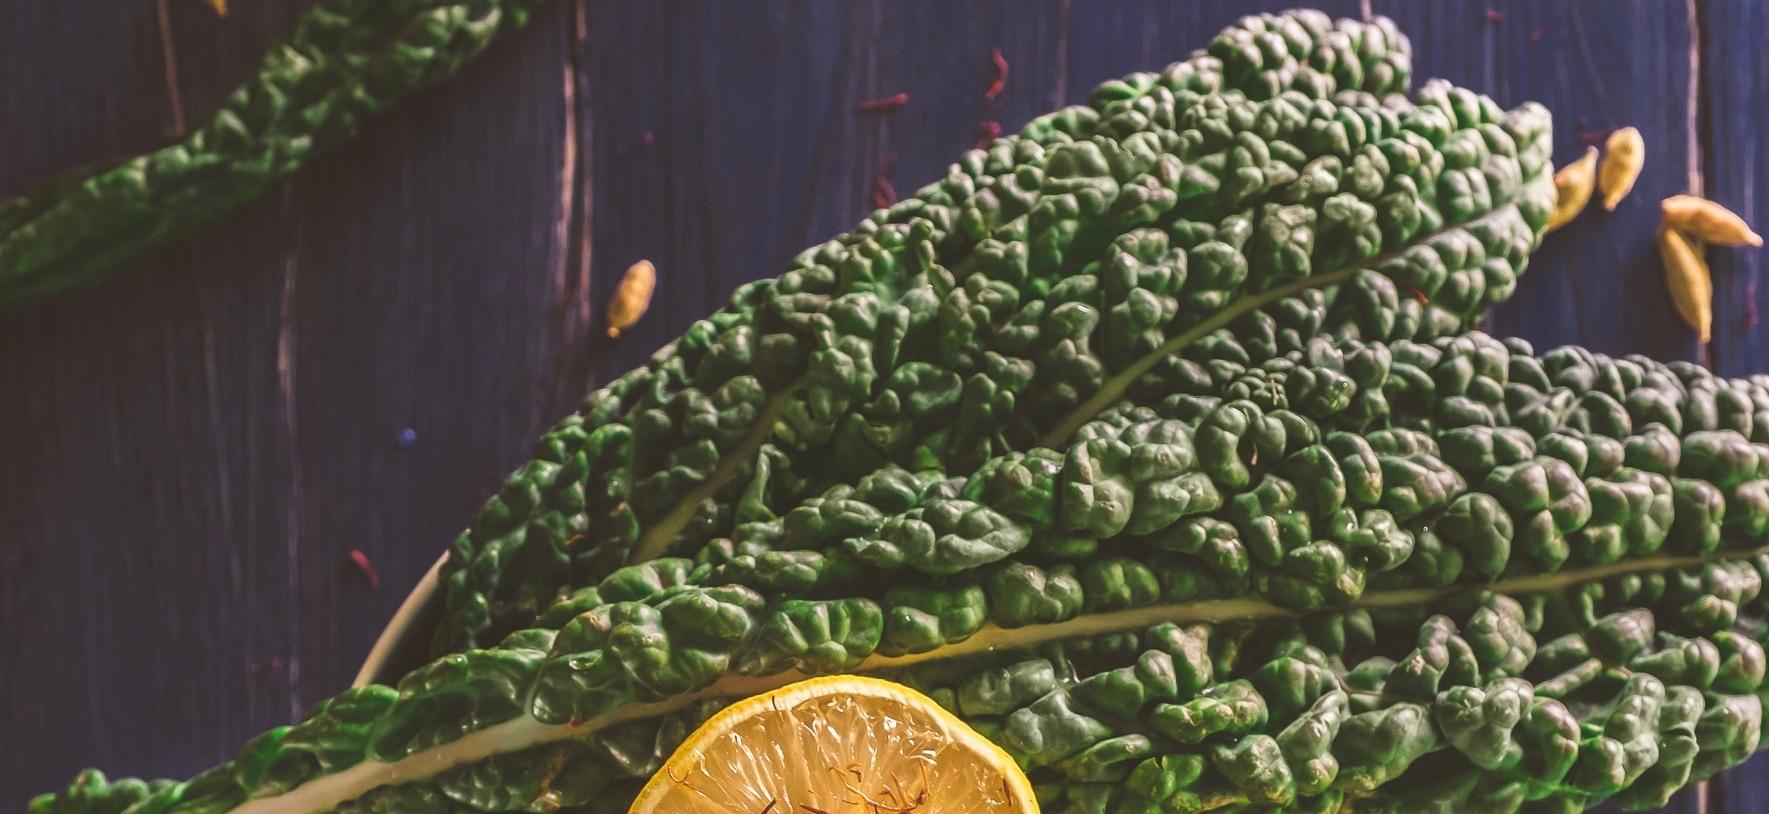 Parmantige palmkool